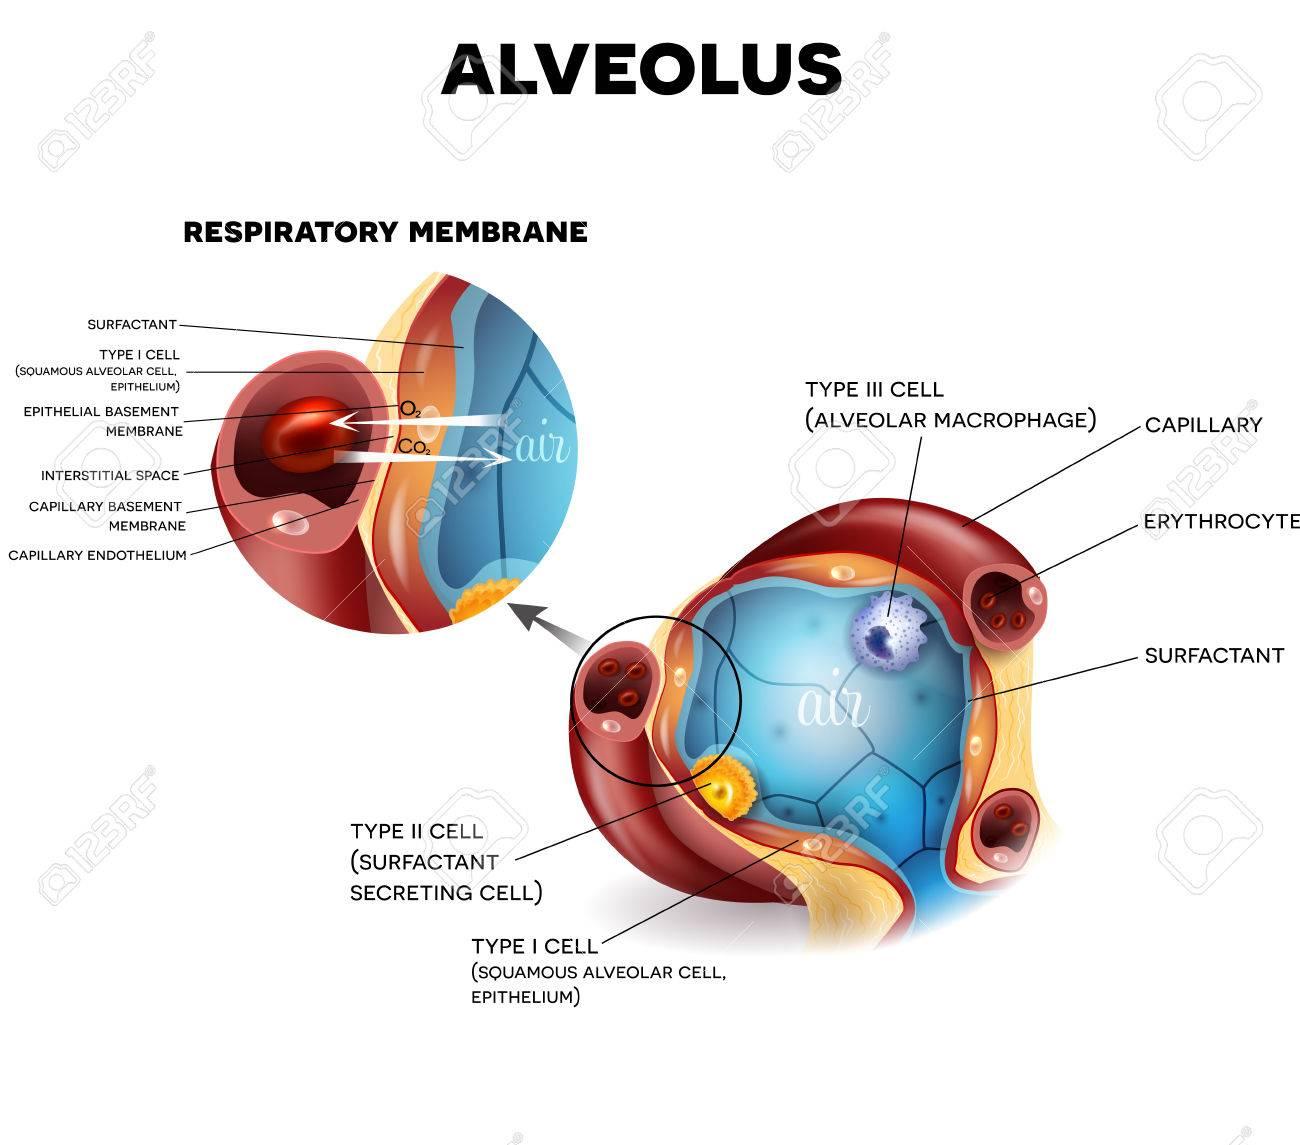 Anatomía Alvéolo Y La Membrana Respiratoria De Los Alvéolos, El ...